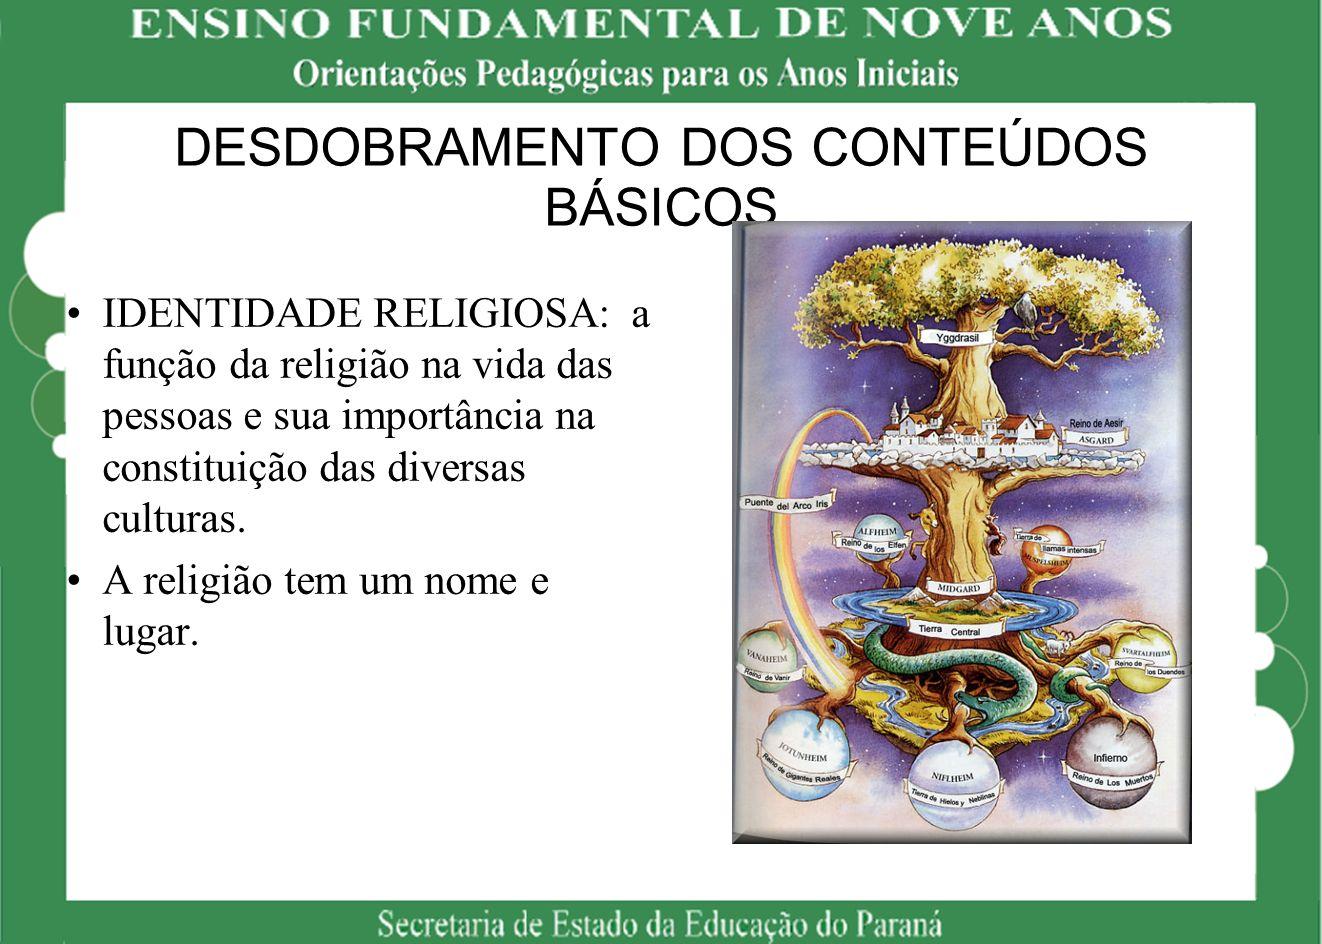 DESDOBRAMENTO DOS CONTEÚDOS BÁSICOS IDENTIDADE RELIGIOSA: a função da religião na vida das pessoas e sua importância na constituição das diversas cult